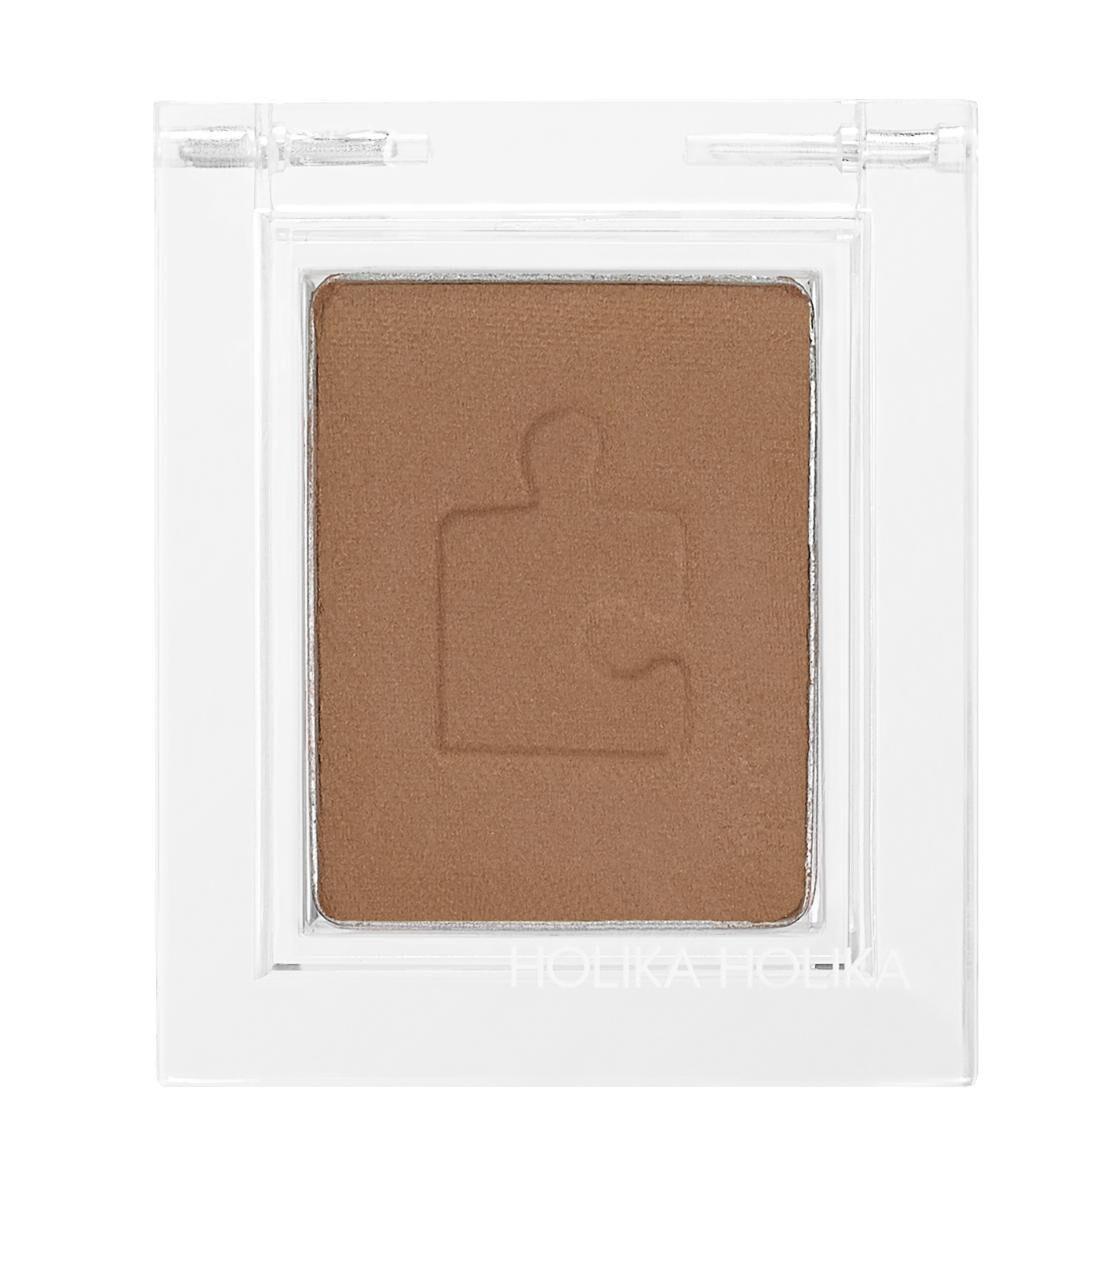 HEMA Oogschaduw Mat 06 Cinnamon Milk - Holika Holika